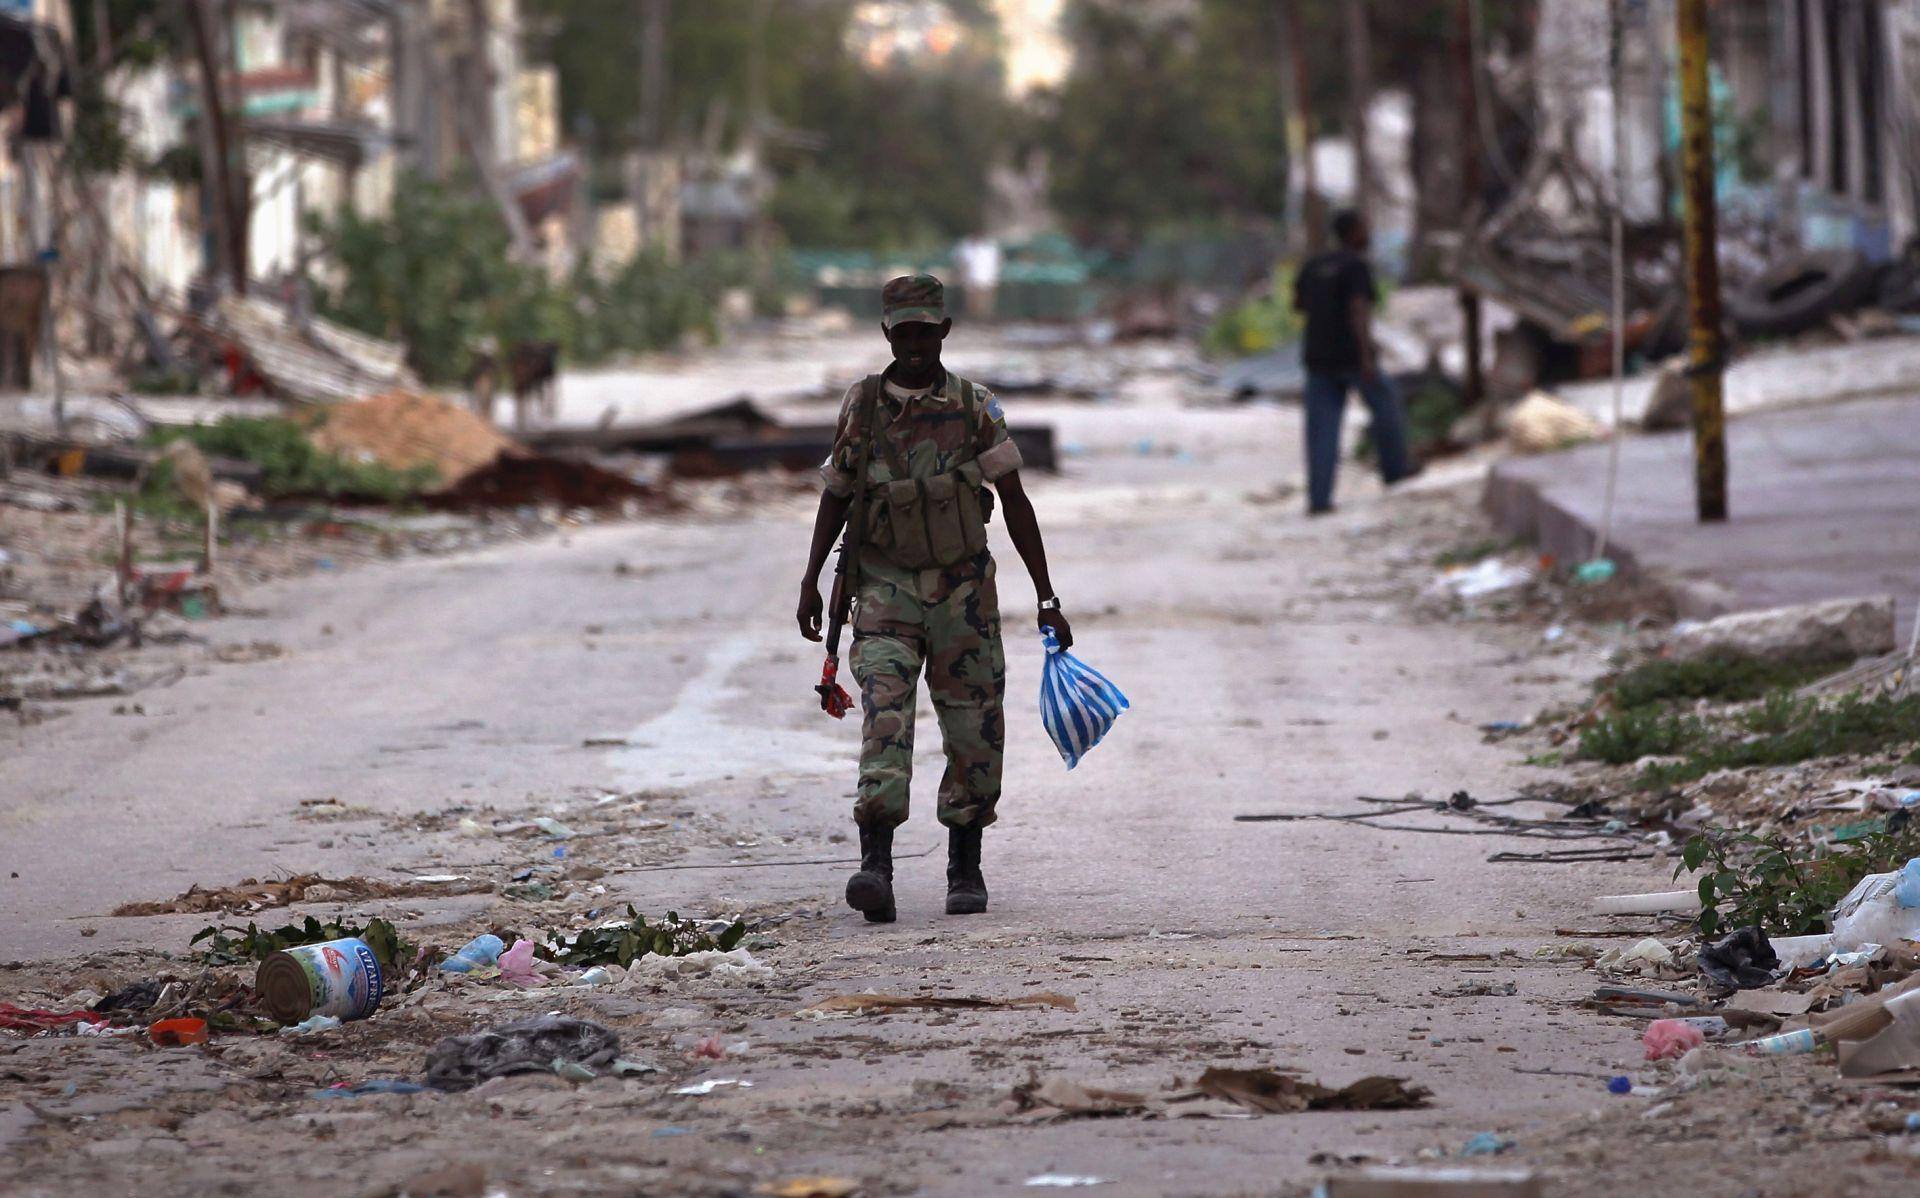 AL-ŠABAB PREUZEO ODGOVORNOST U napadu u Mogadišu najmanje 13 žrtava